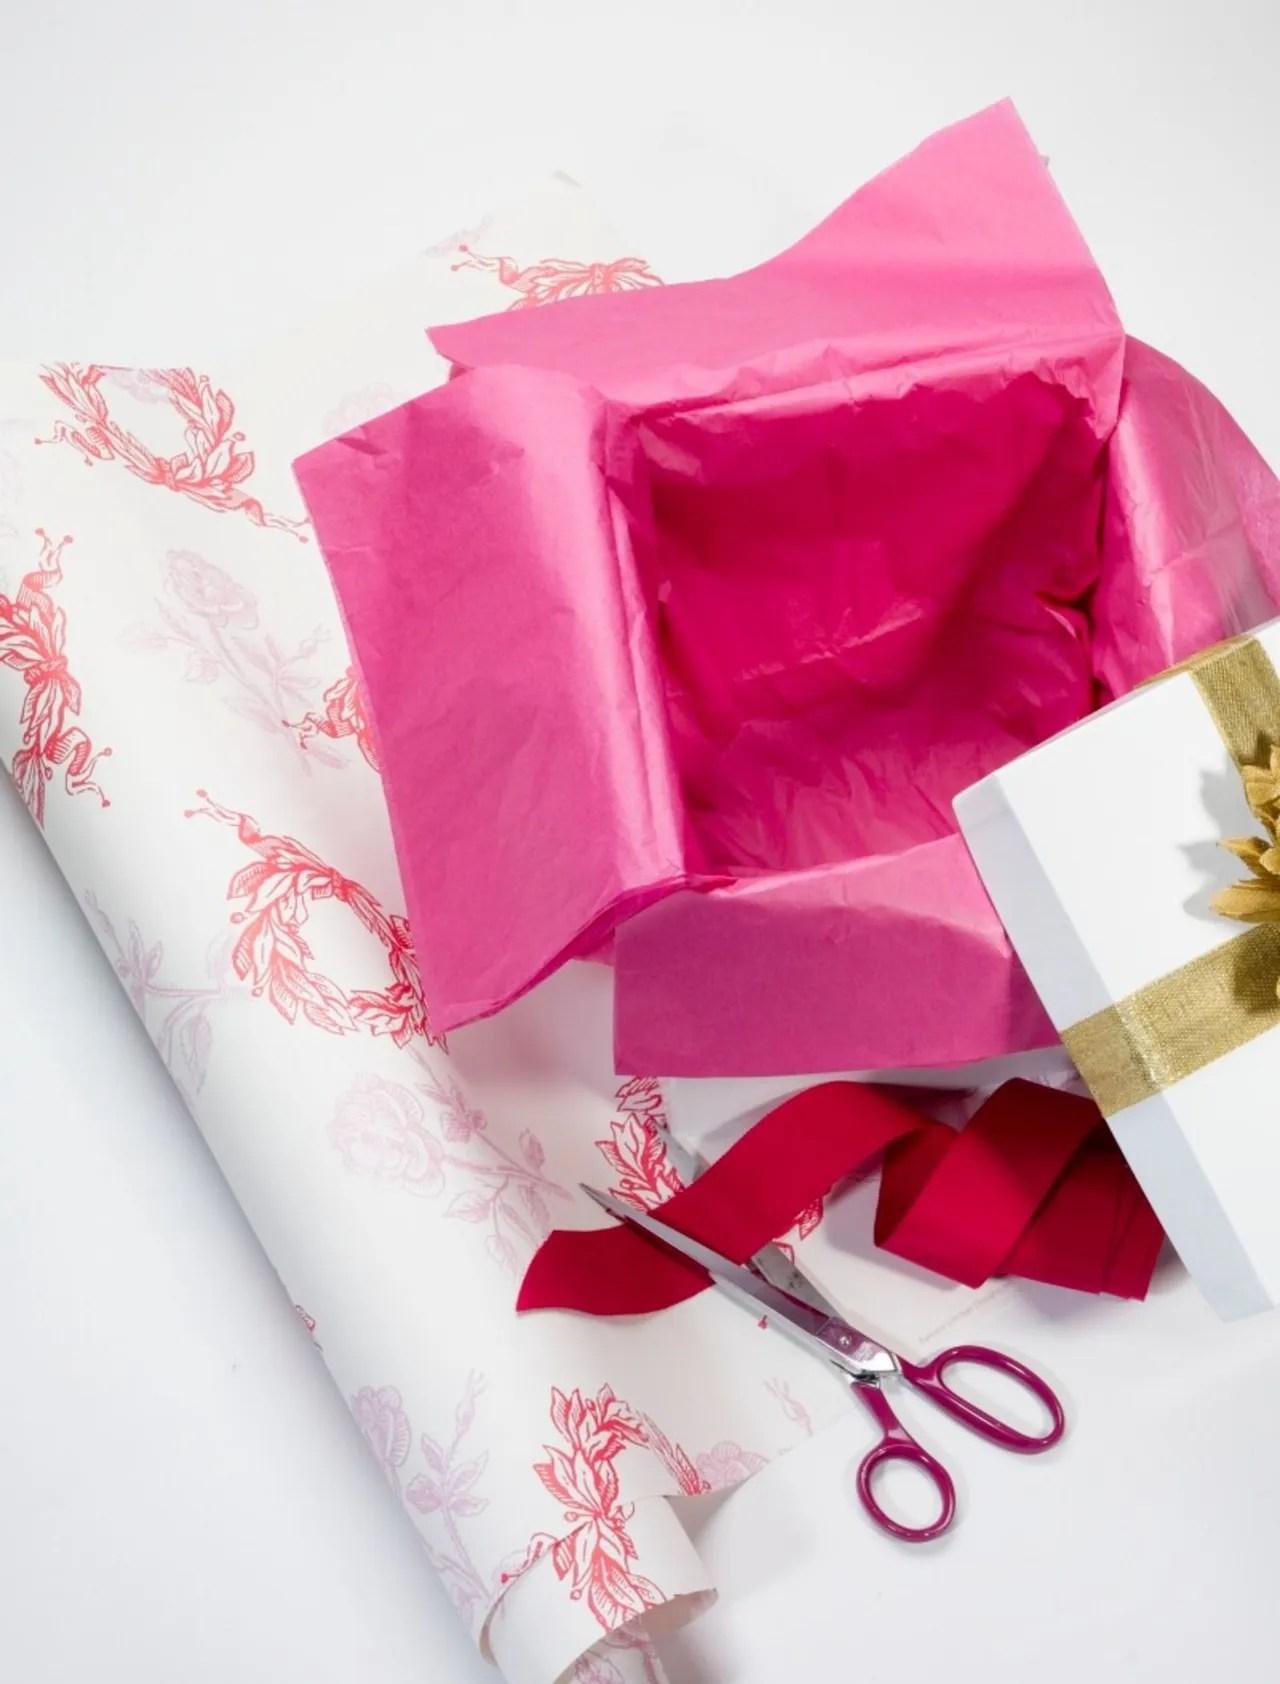 Fullsize Of Gifts For Bridal Shower